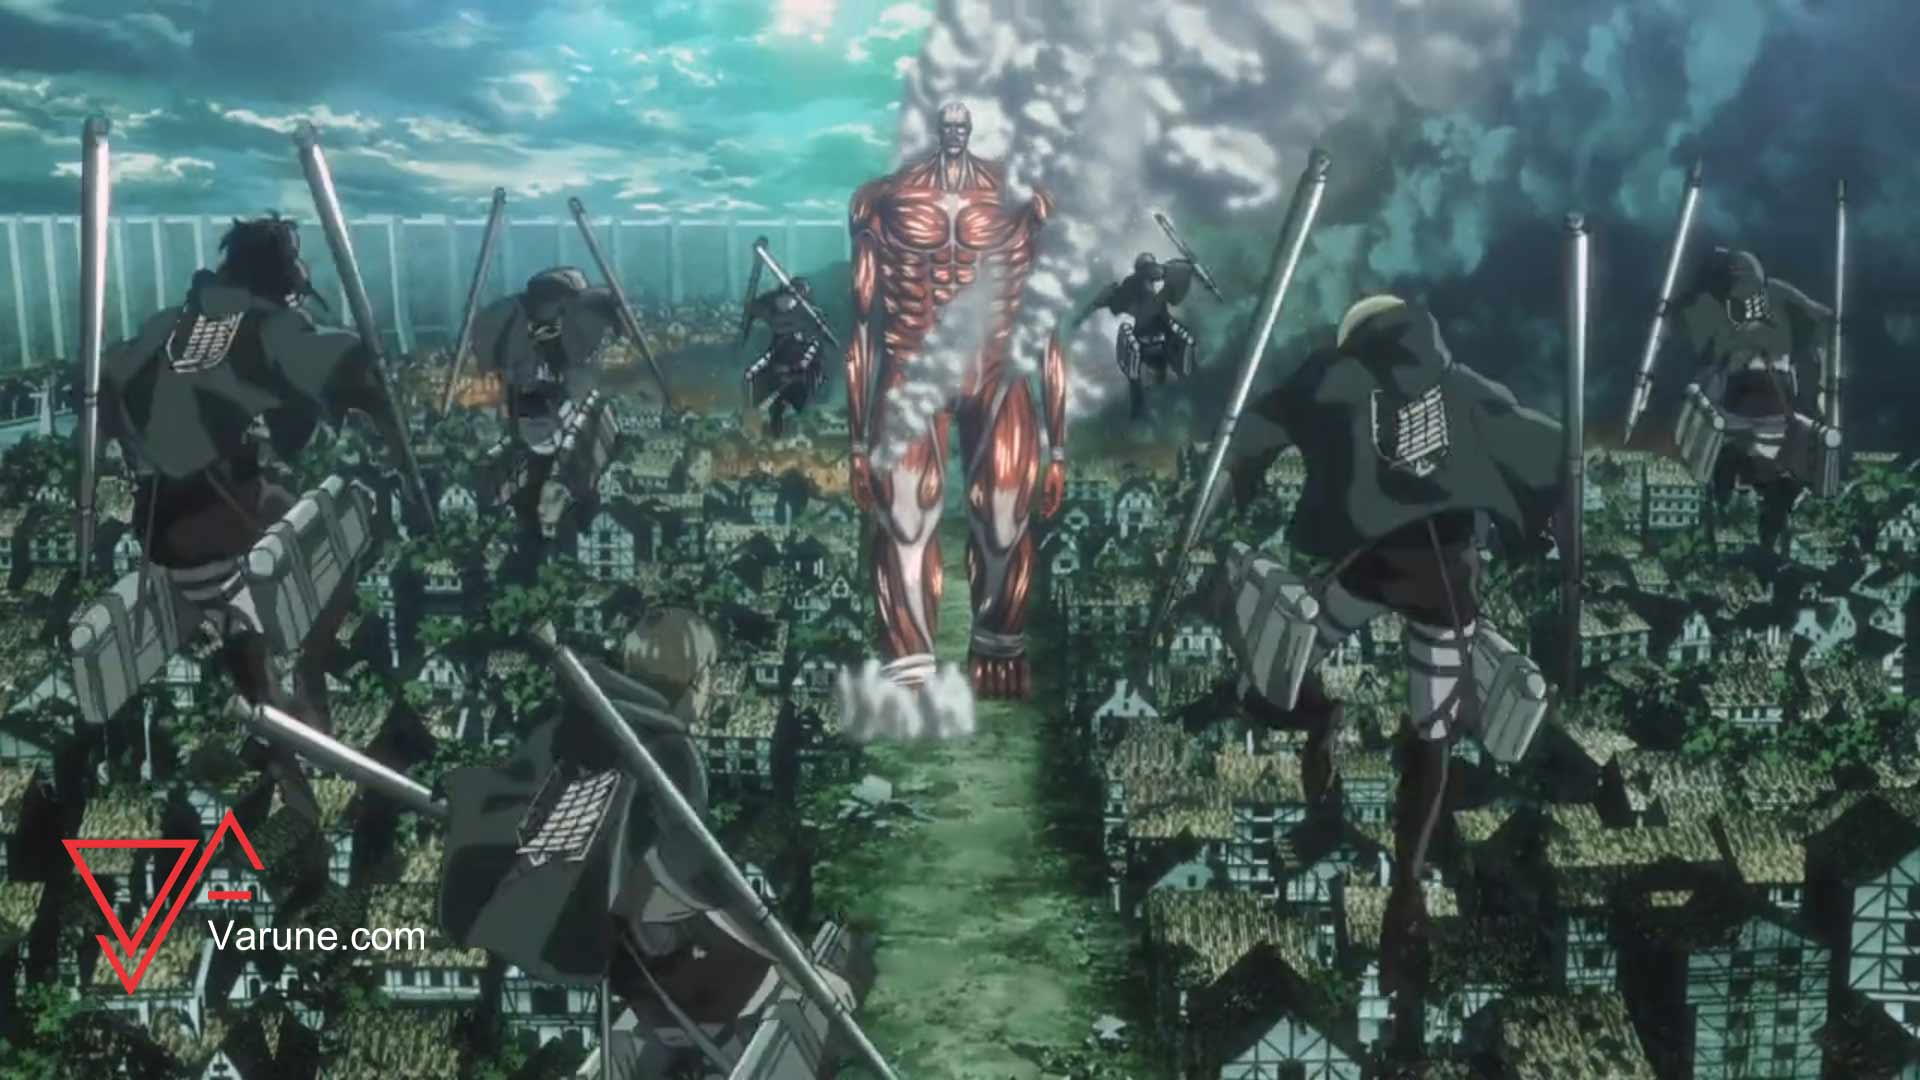 بررسی قسمت سیزدهم فصل سوم انیمه Attack on Titan